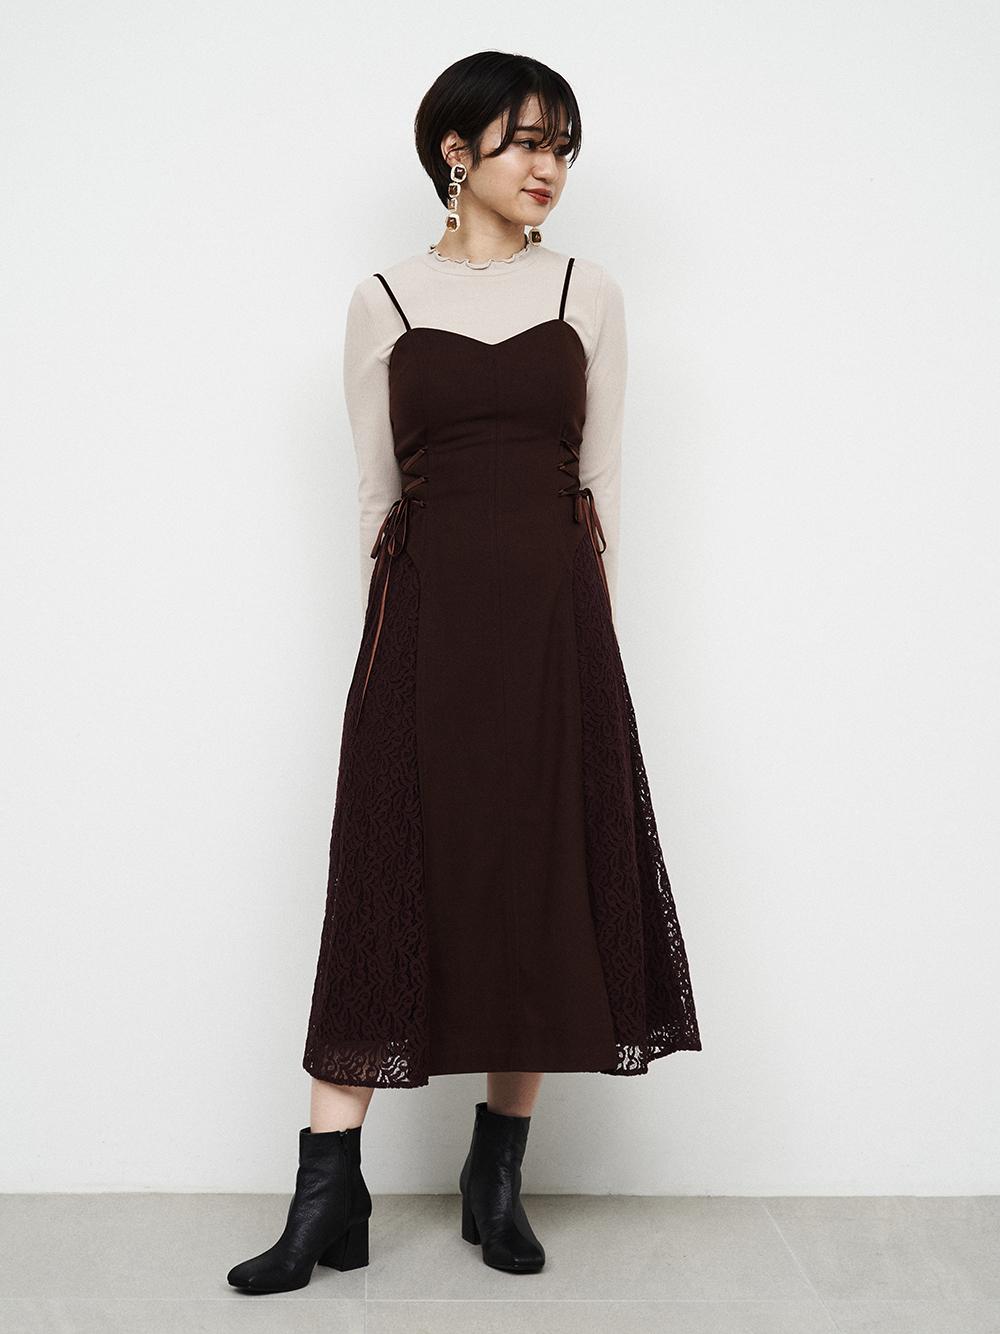 蕾絲拼接細肩帶連身裙組合